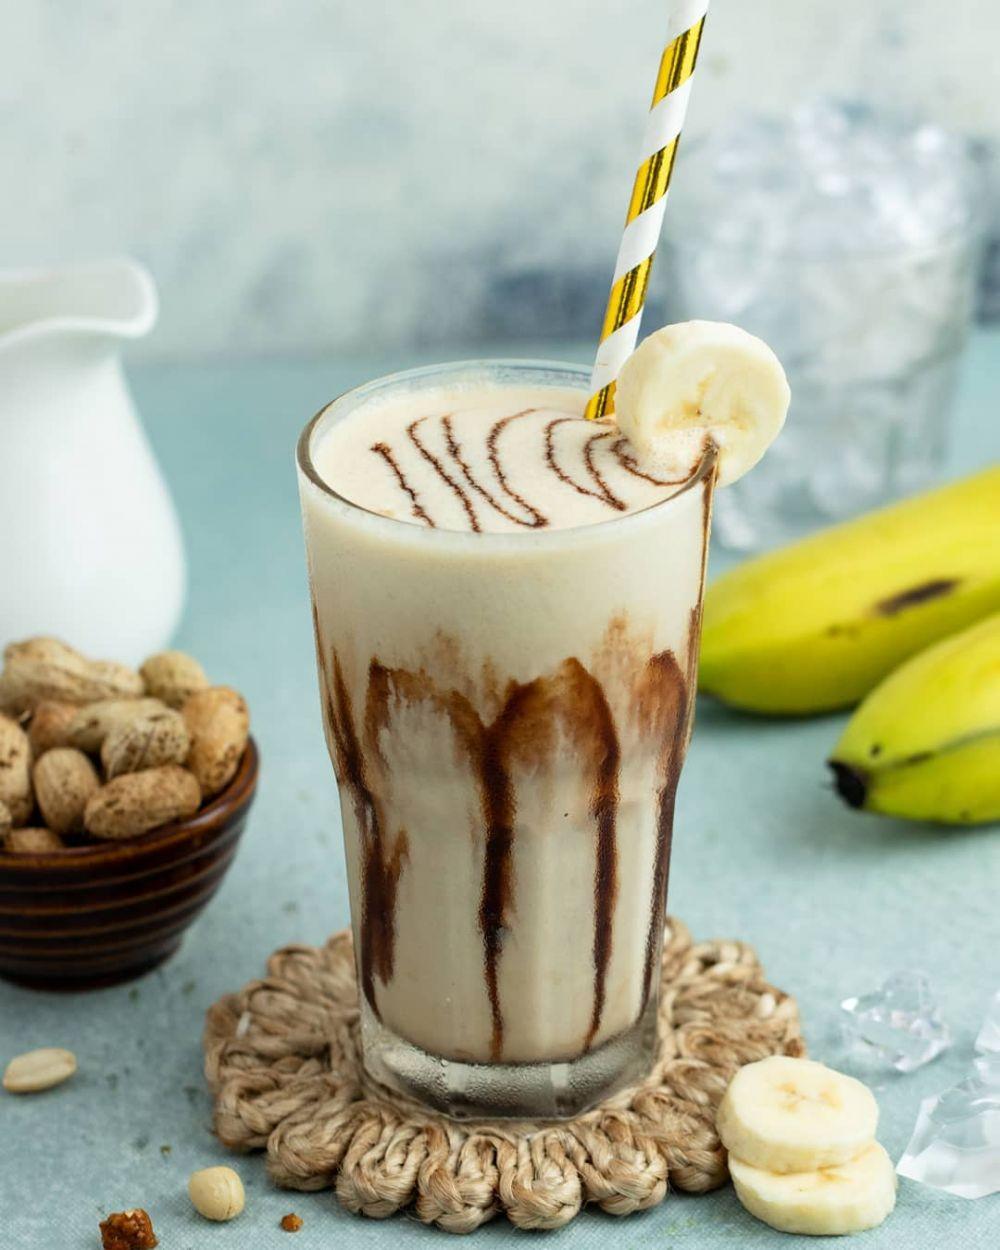 10 Resep minuman dari susu, praktis, enak, dan sehat berbagai sumber